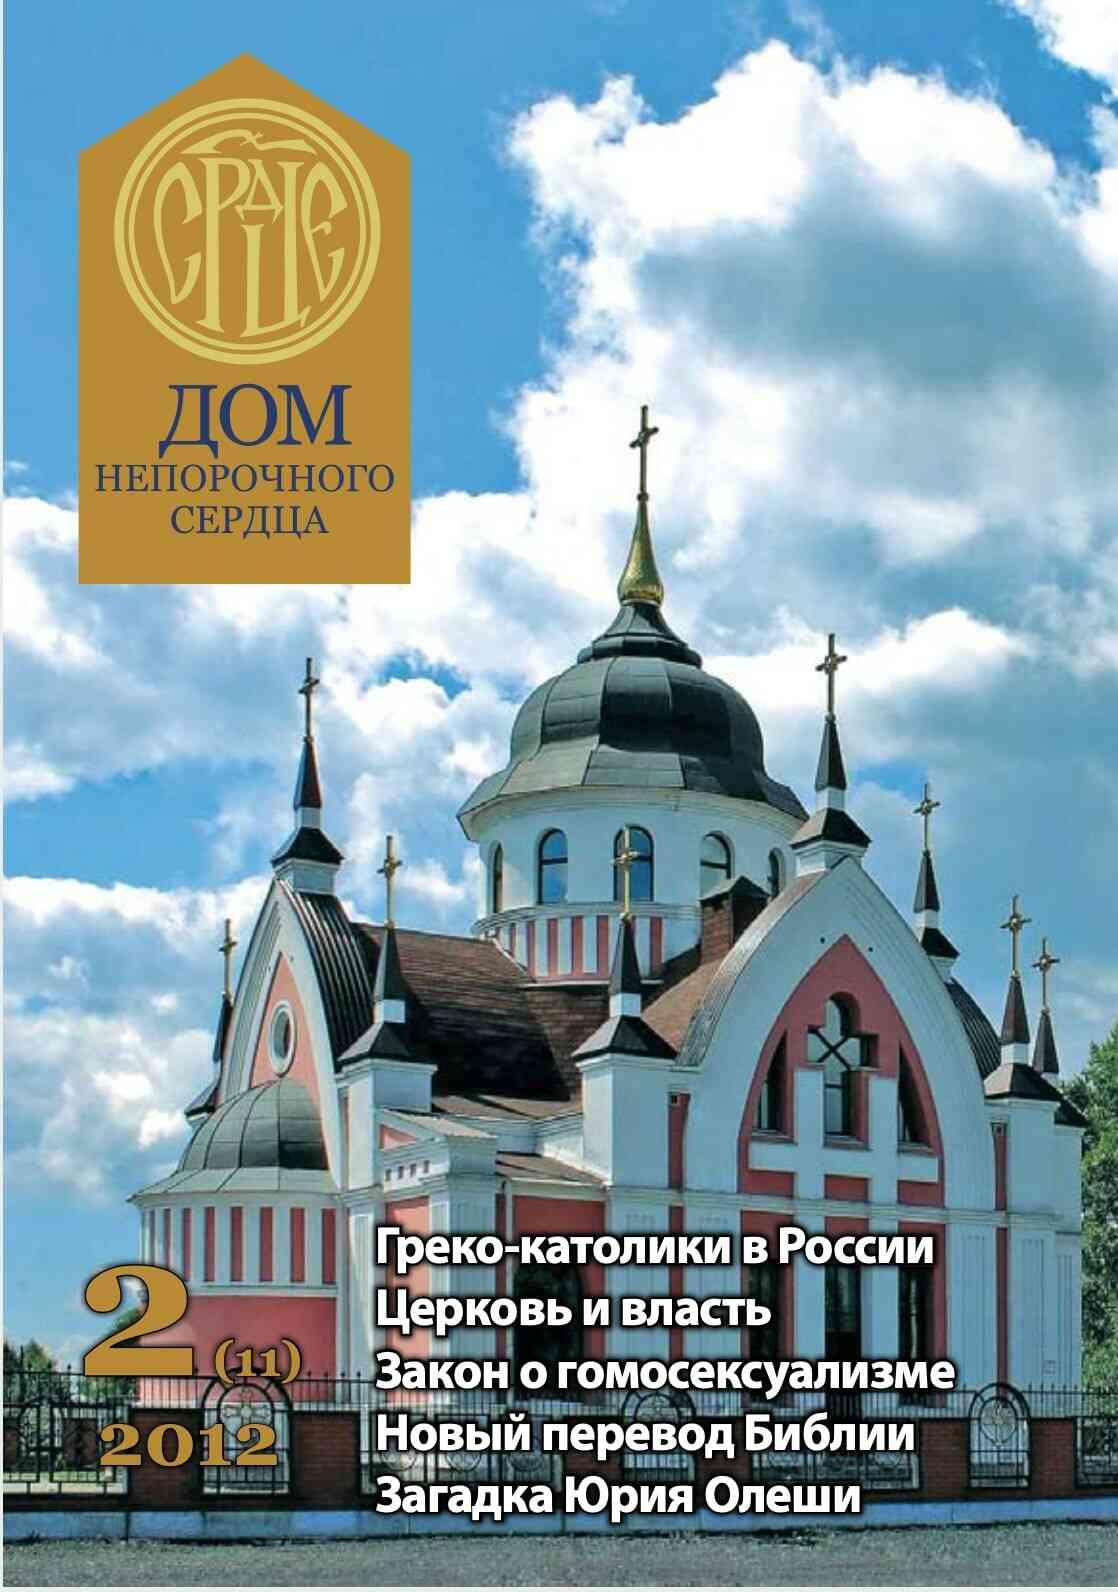 Журнал «Дом Непорочного Сердца» № 2 (11) 2012 год